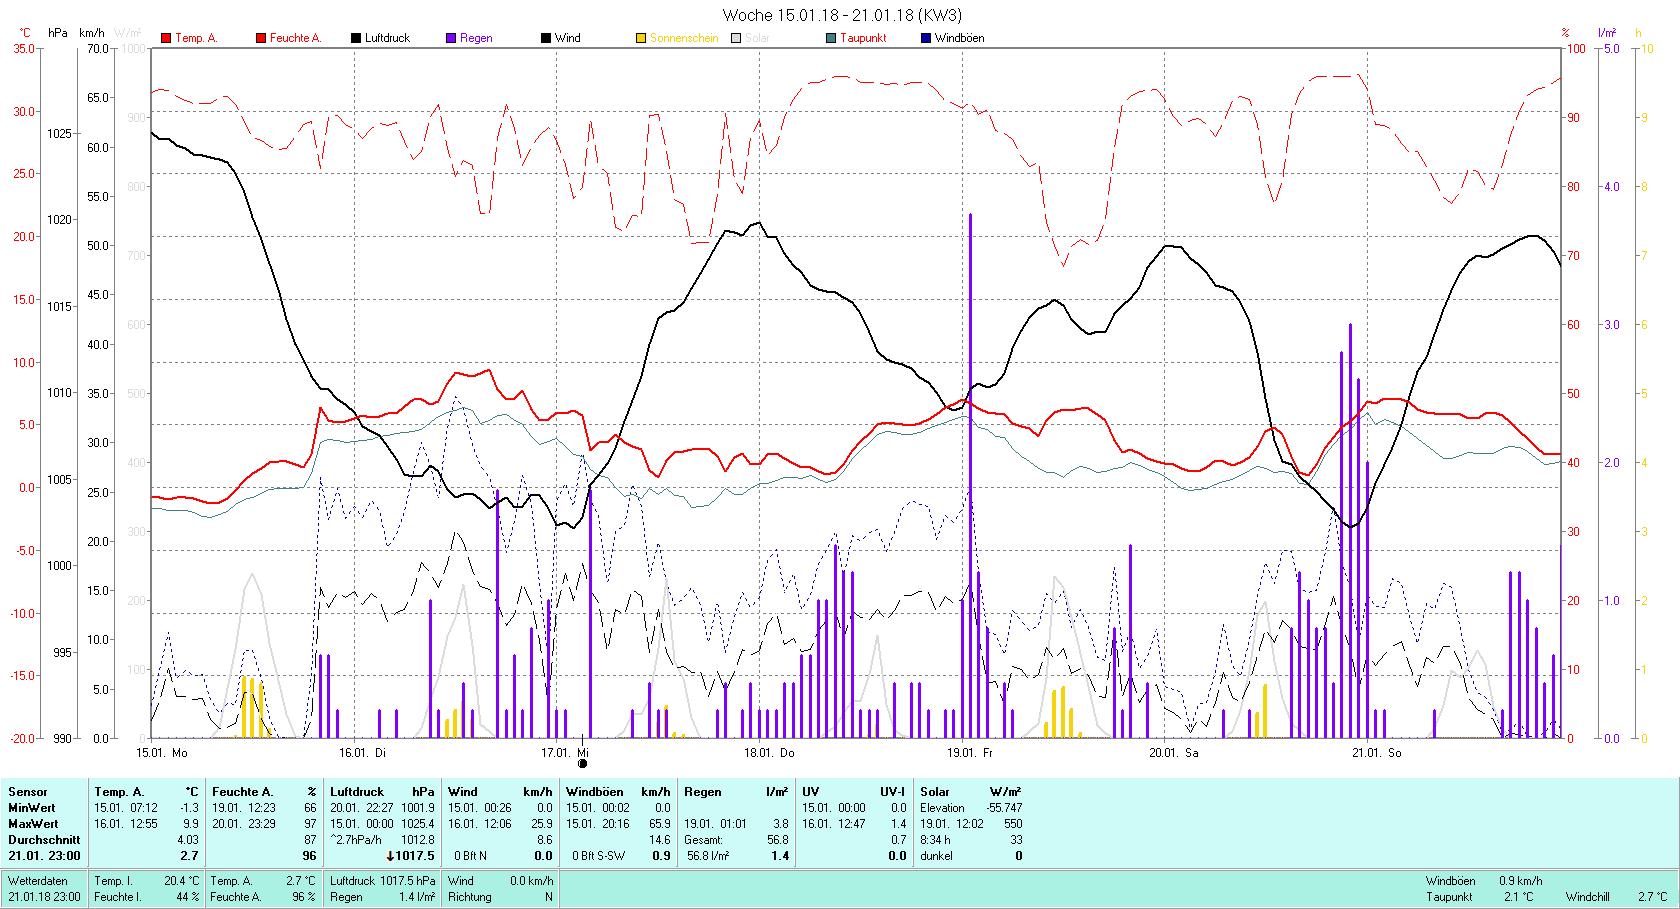 KW 03 Tmin -1.3°C, Tmax 9.9°C, Sonne 8:34 h Niederschlag 56.8 mm2